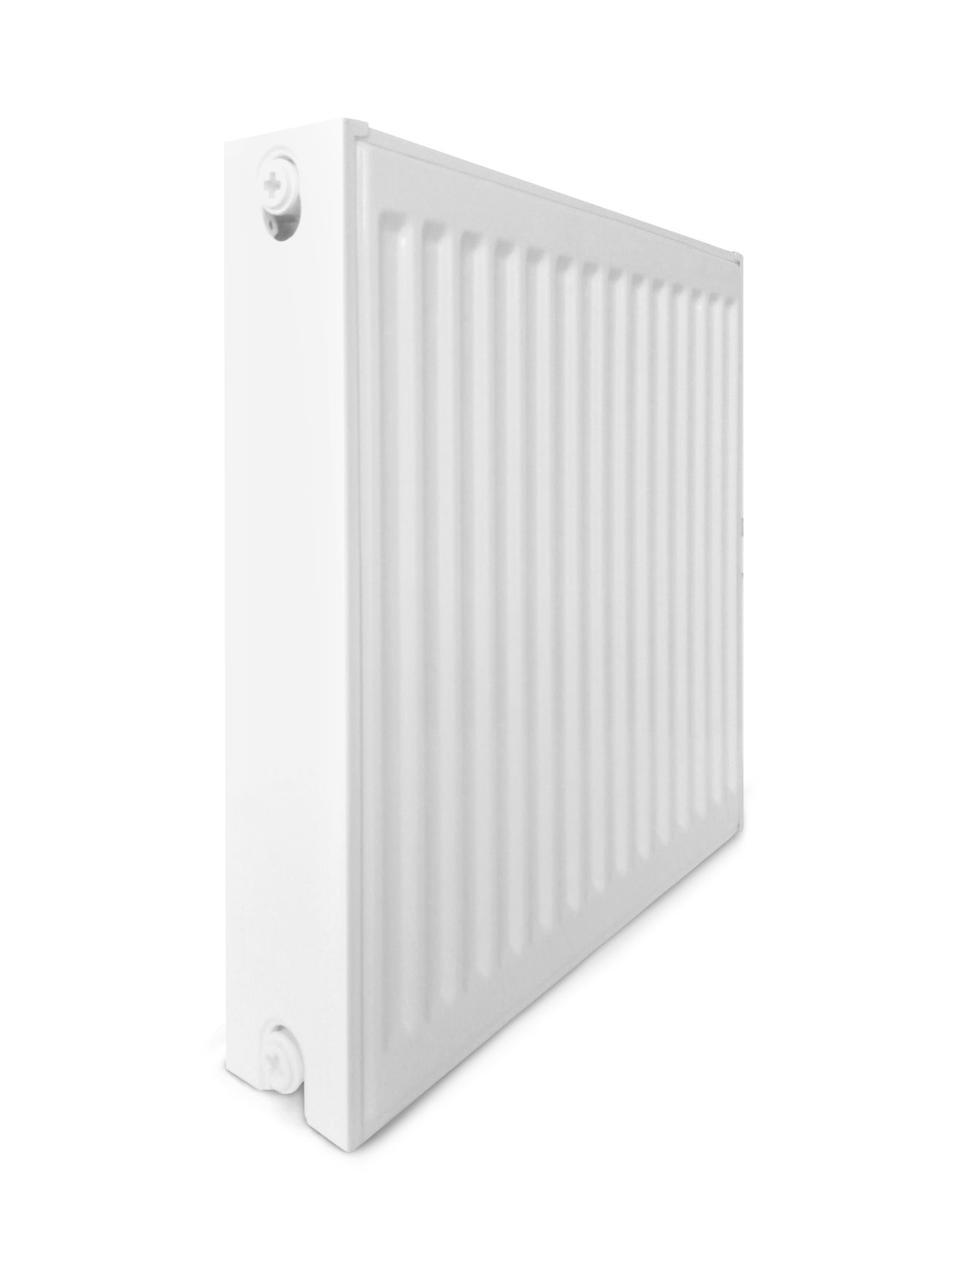 Радиатор стальной панельный Optimum боковой 500 на 900 мм тип 22 (1836 Вт)